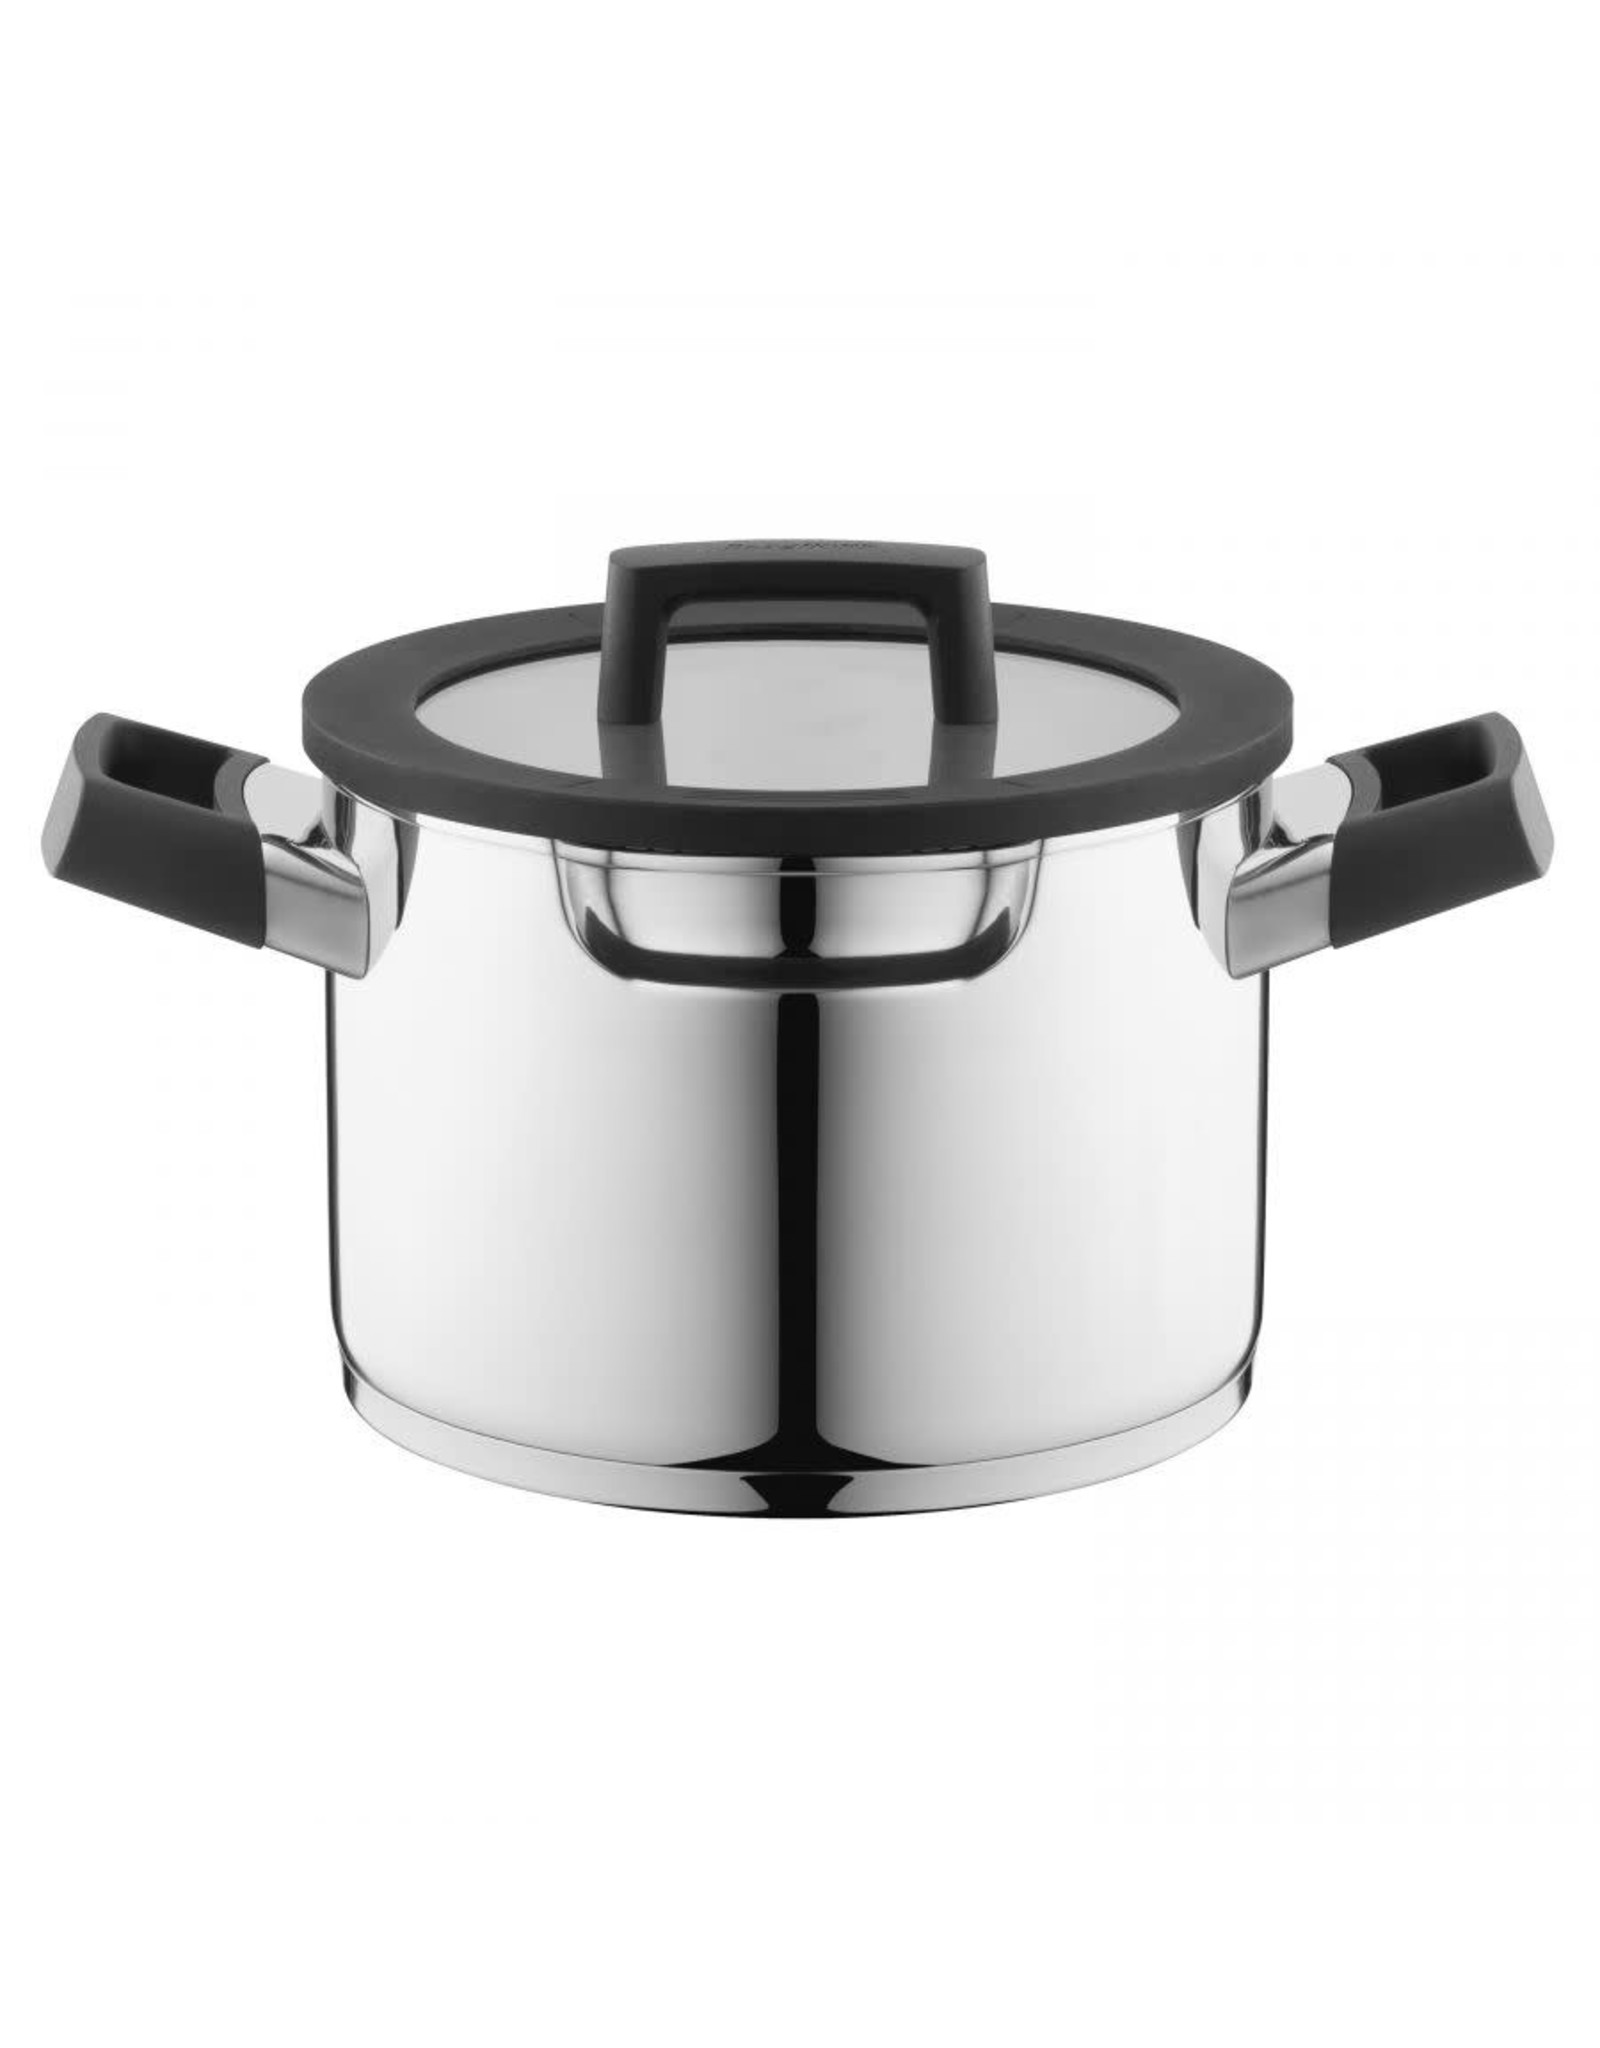 Berghoff BergHoff. 6-pc cookware set downdraft. GEM